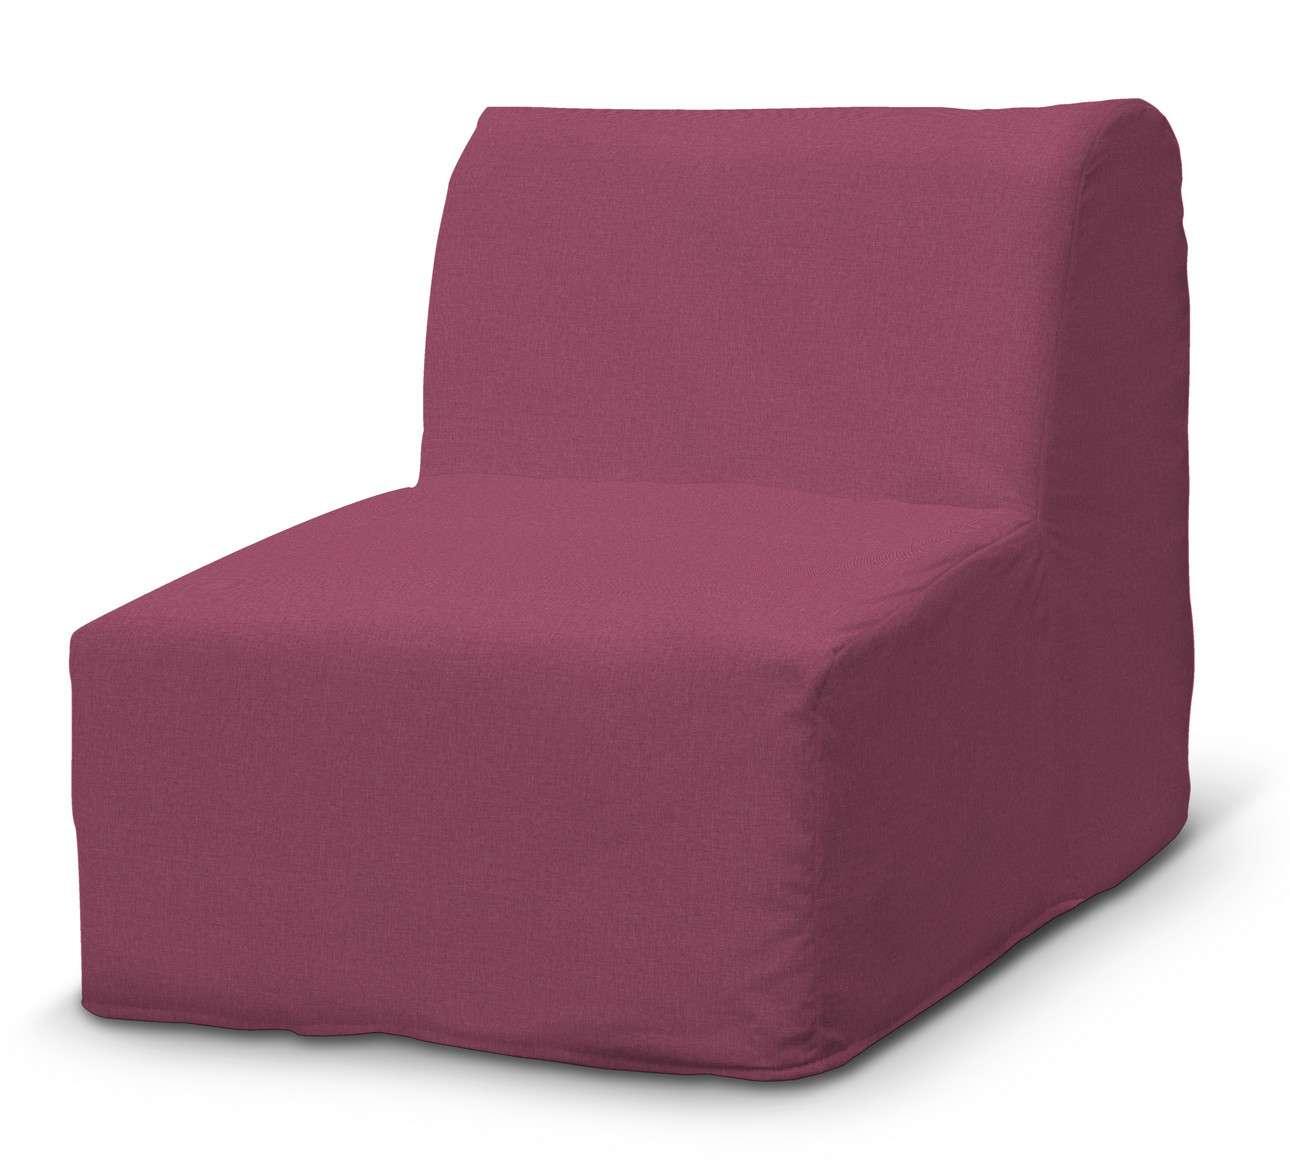 Pokrowiec na fotel Lycksele prosty w kolekcji Living, tkanina: 160-44